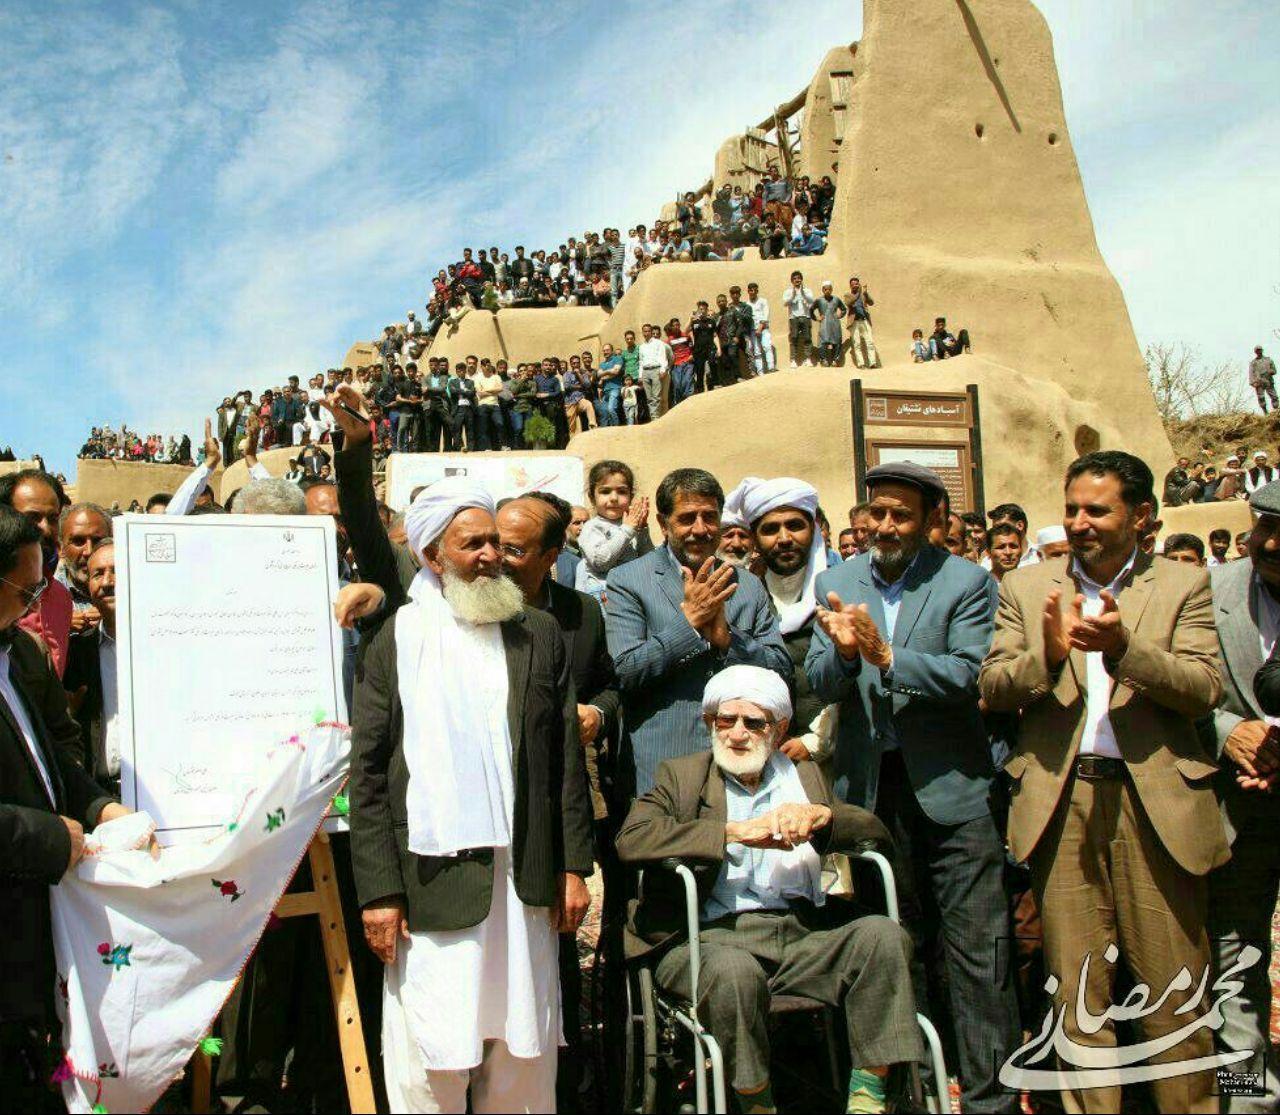 هم زمان با جشن نوروزگاه در نشتیفان خواف انجام شد: رونمایی از لوح ثبتی علی محمد اعتباری به عنوان «حامل میراث فرهنگی ناملموس»